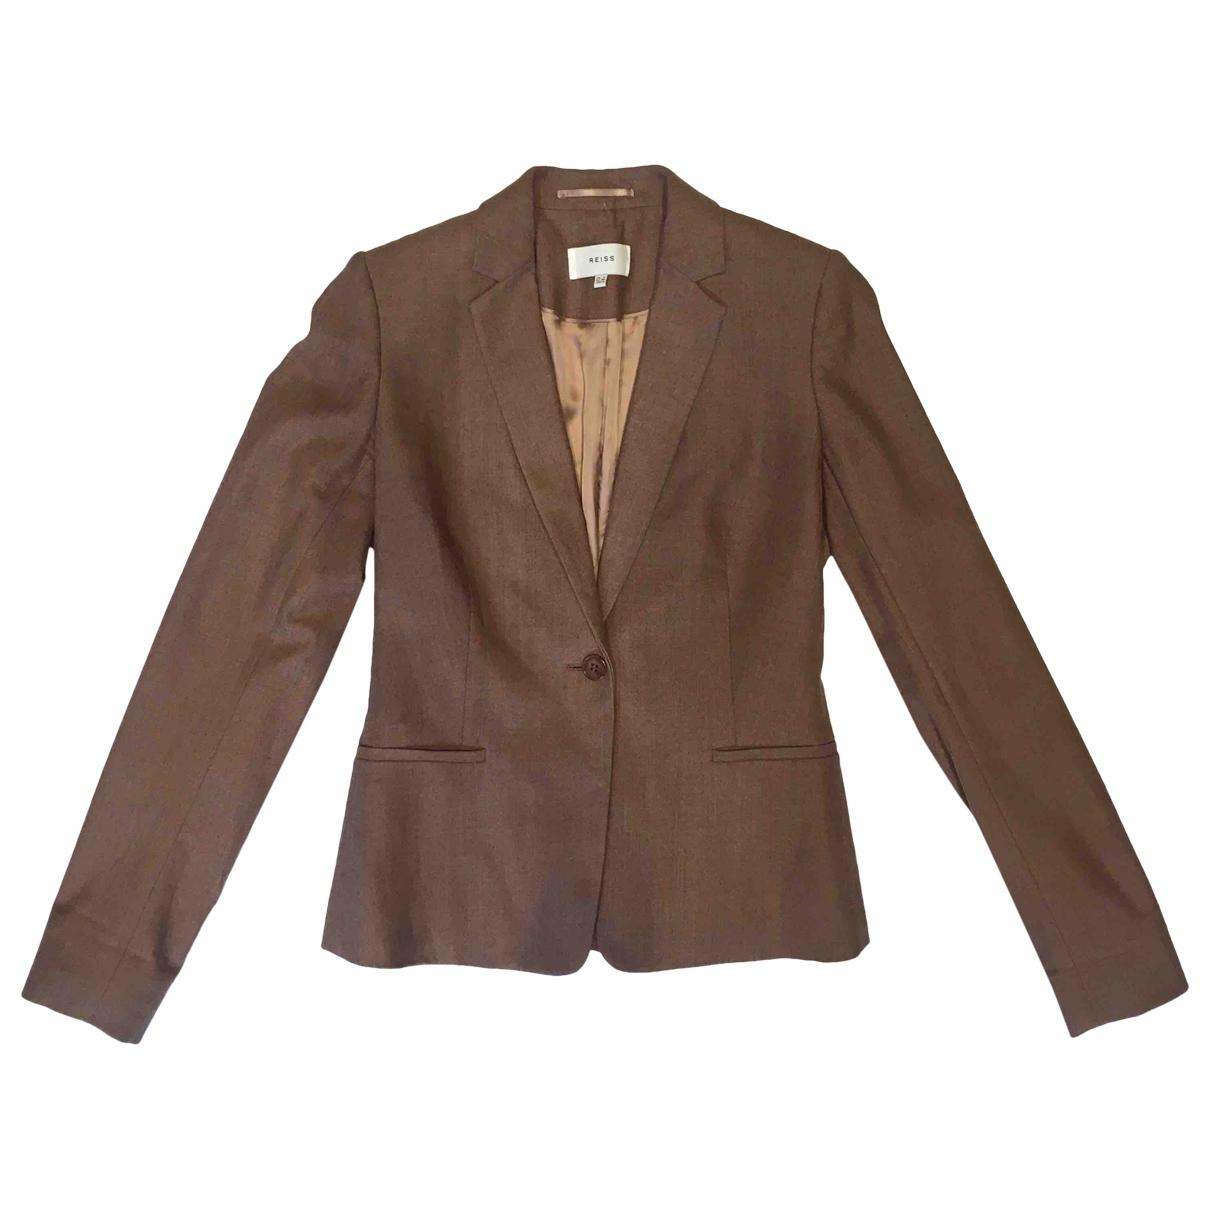 Reiss - Veste   pour femme en laine - rose